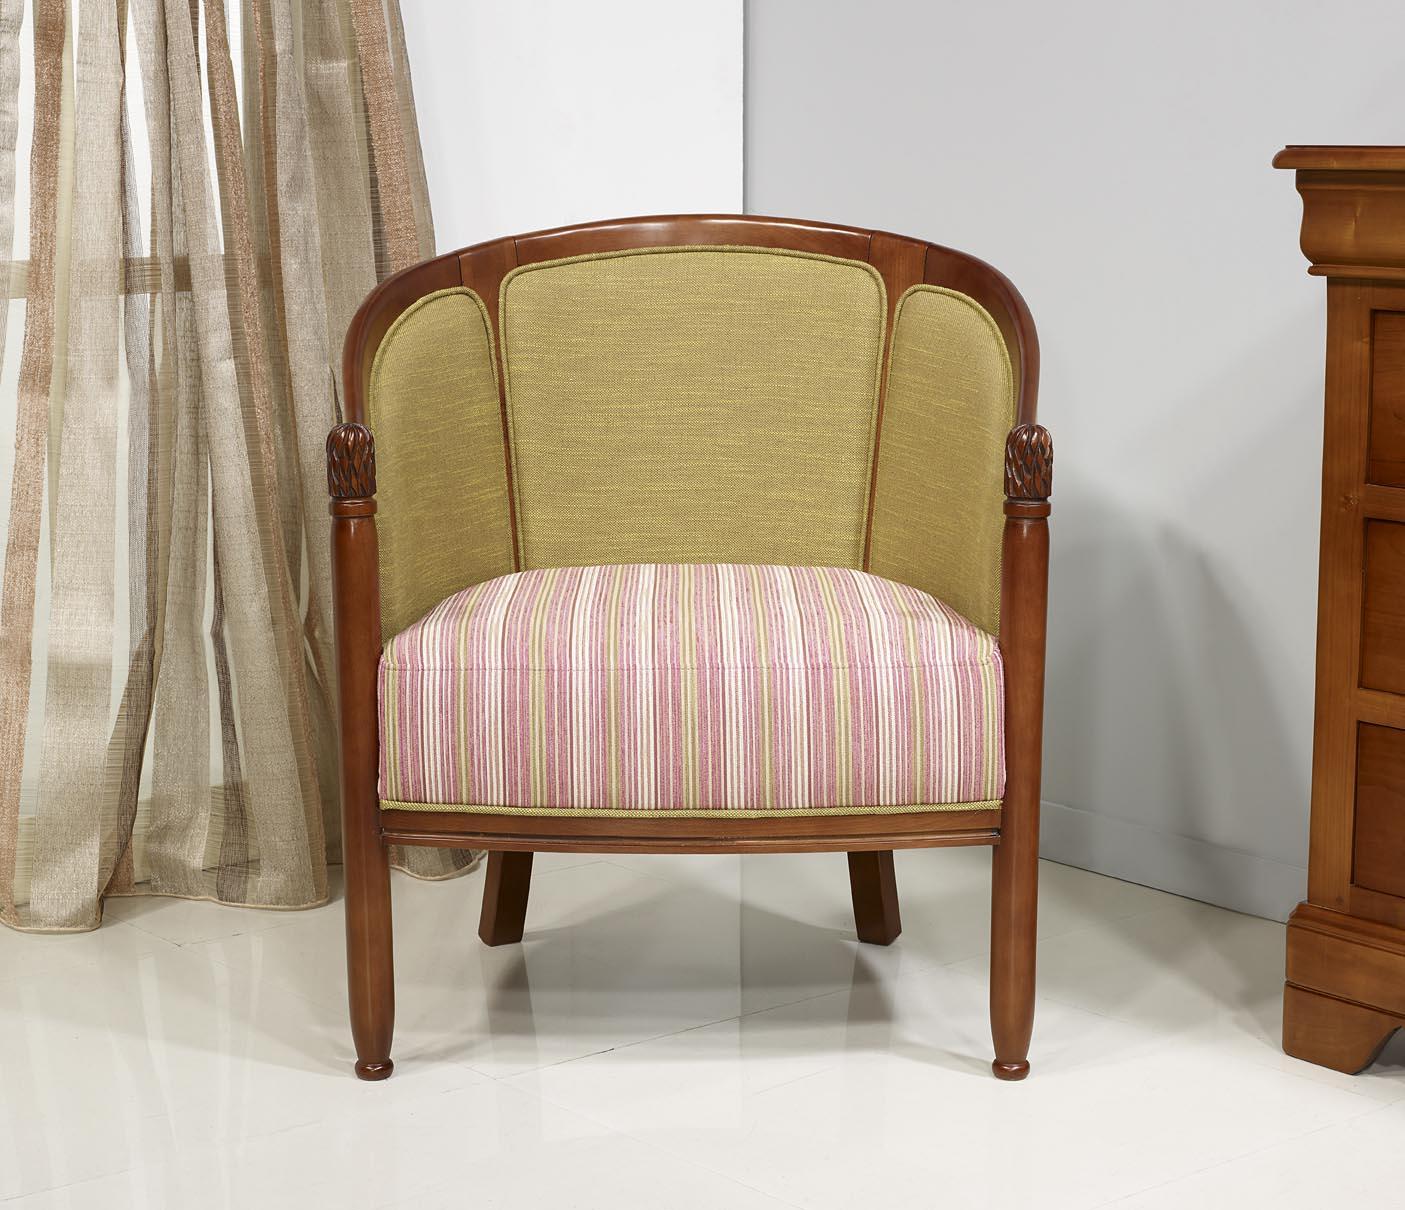 fauteuil cabriolet en h tre massif de style louis philippe meuble en merisier massif. Black Bedroom Furniture Sets. Home Design Ideas